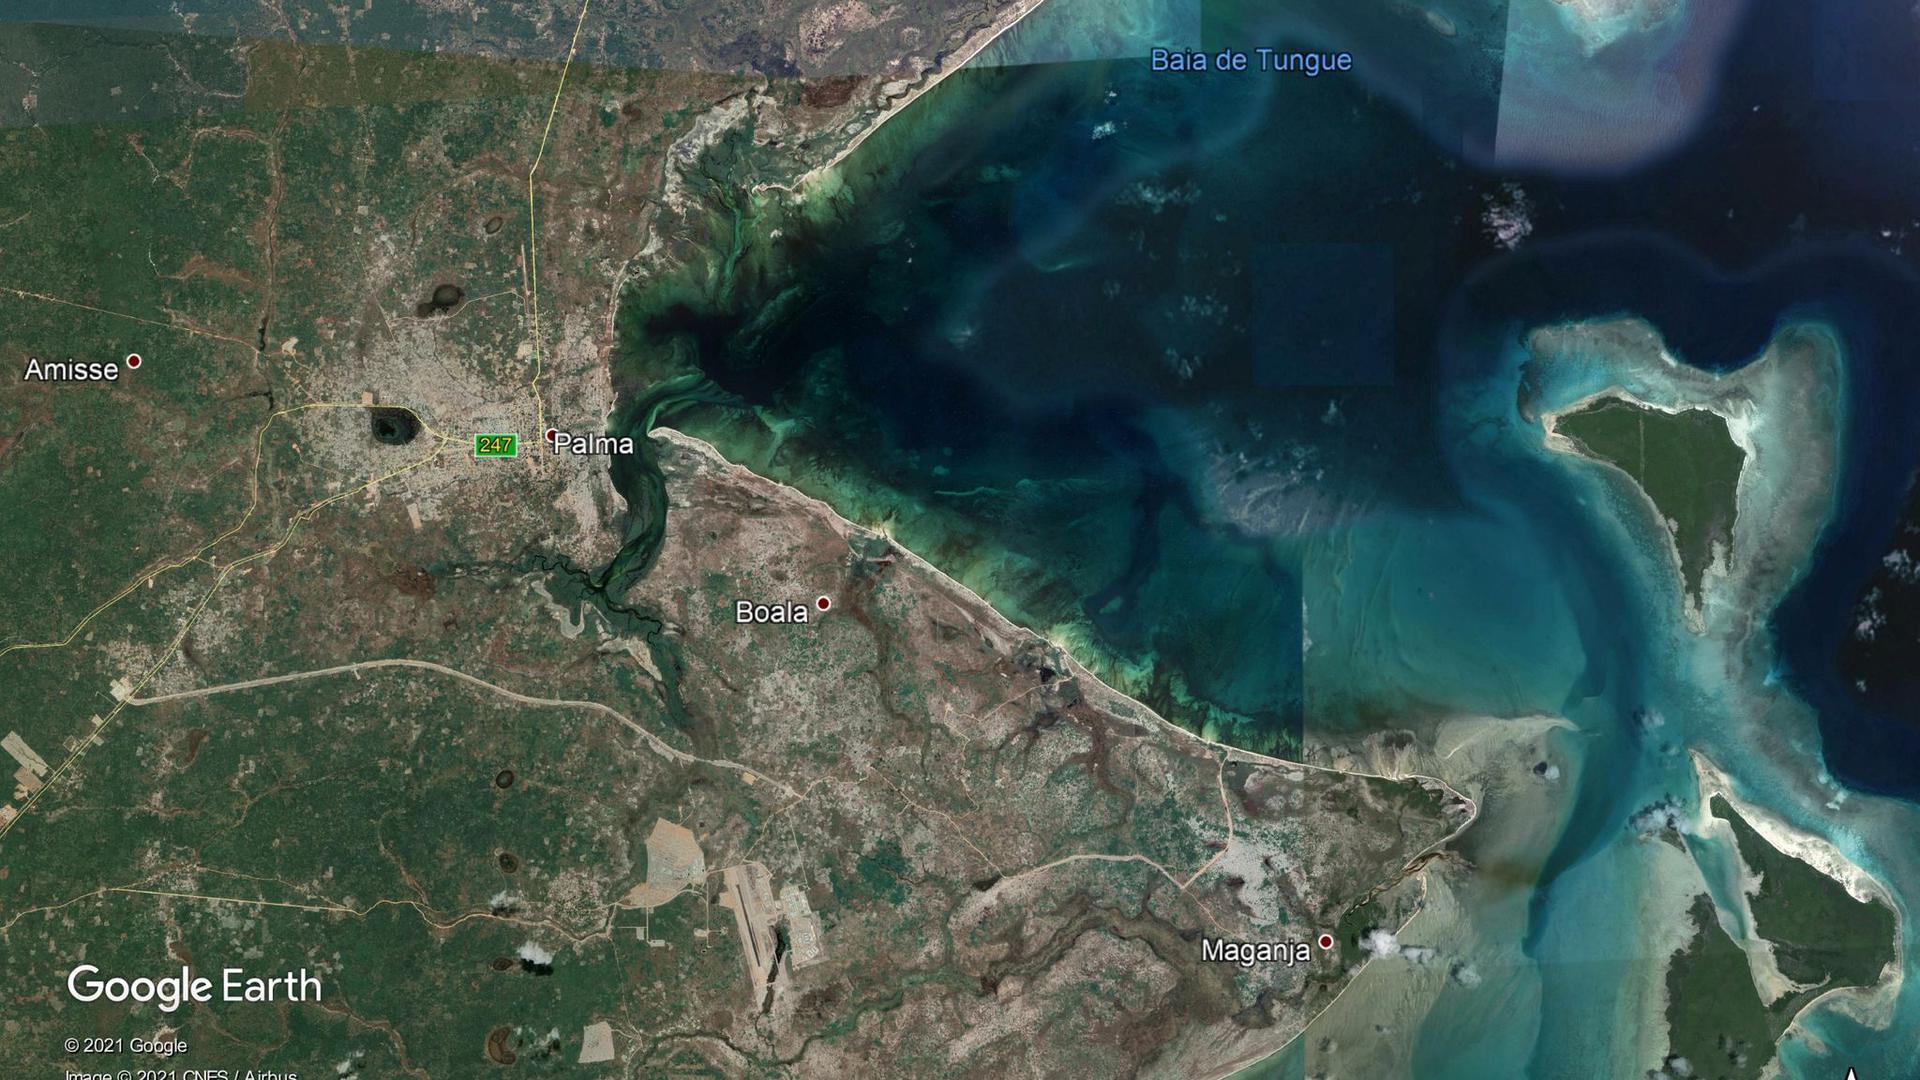 Die Aufnahme von Google Earth zeigt den Küstenort Palma in der Provinz Cabo Delgado in Mosambik.